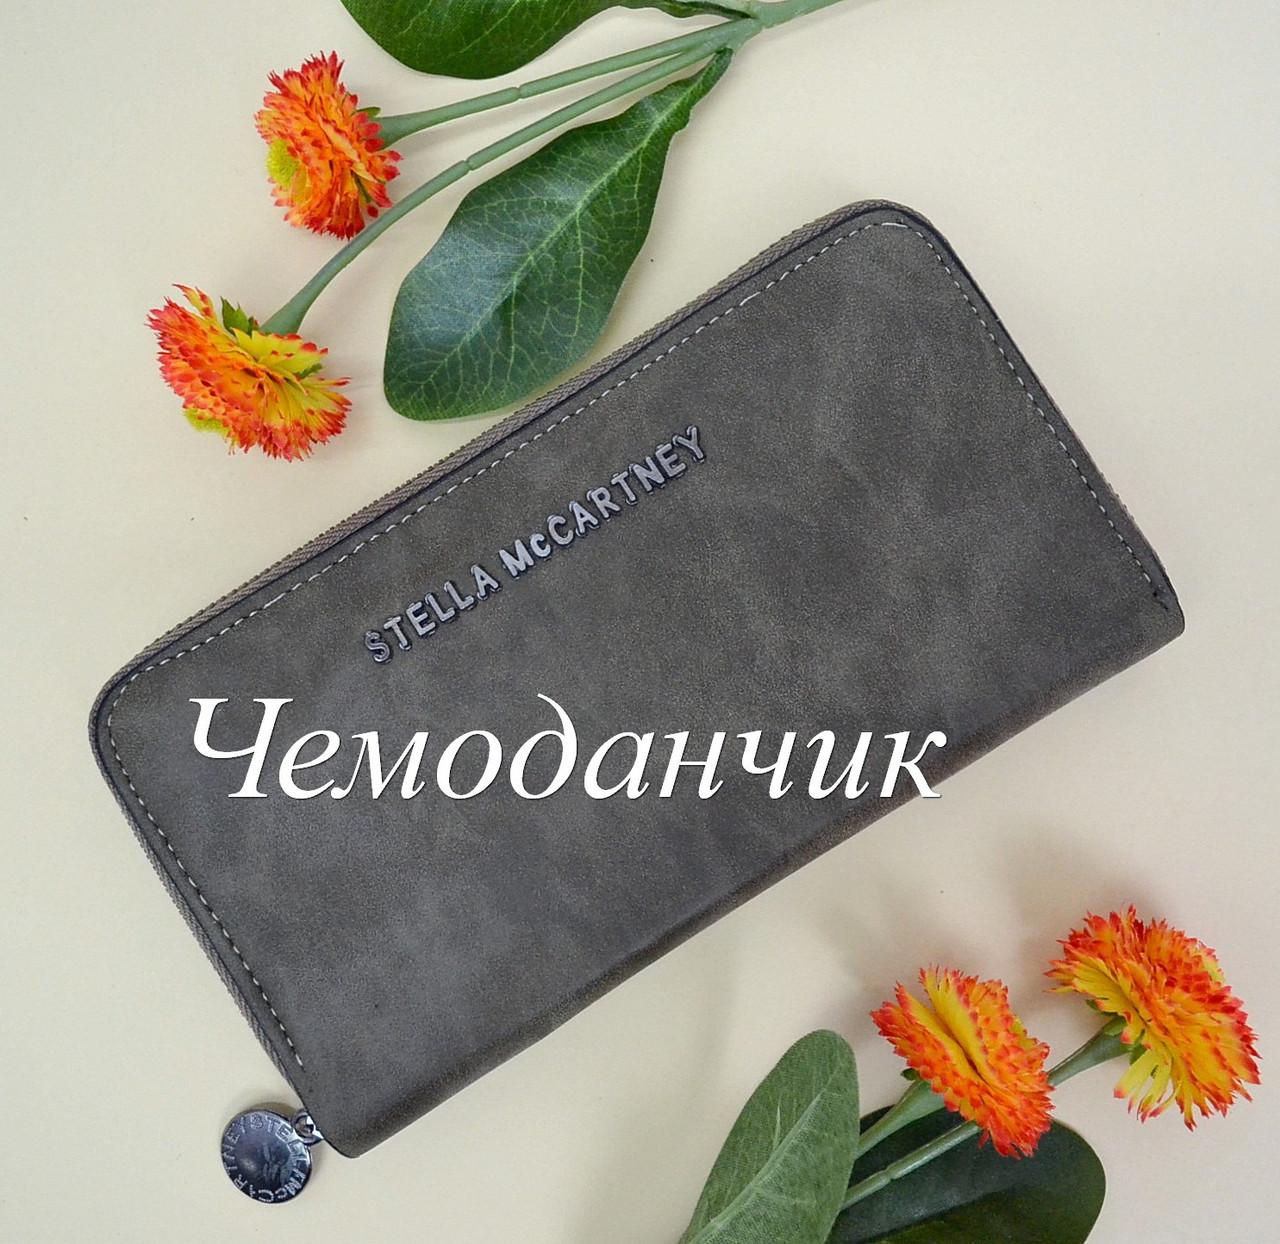 cbec51db7e22 Кошелек Stella McCartney Стелла Маккартни 2 - ЧЕМОДАНЧИК - самые красивые  сумочки по самой приятной цене